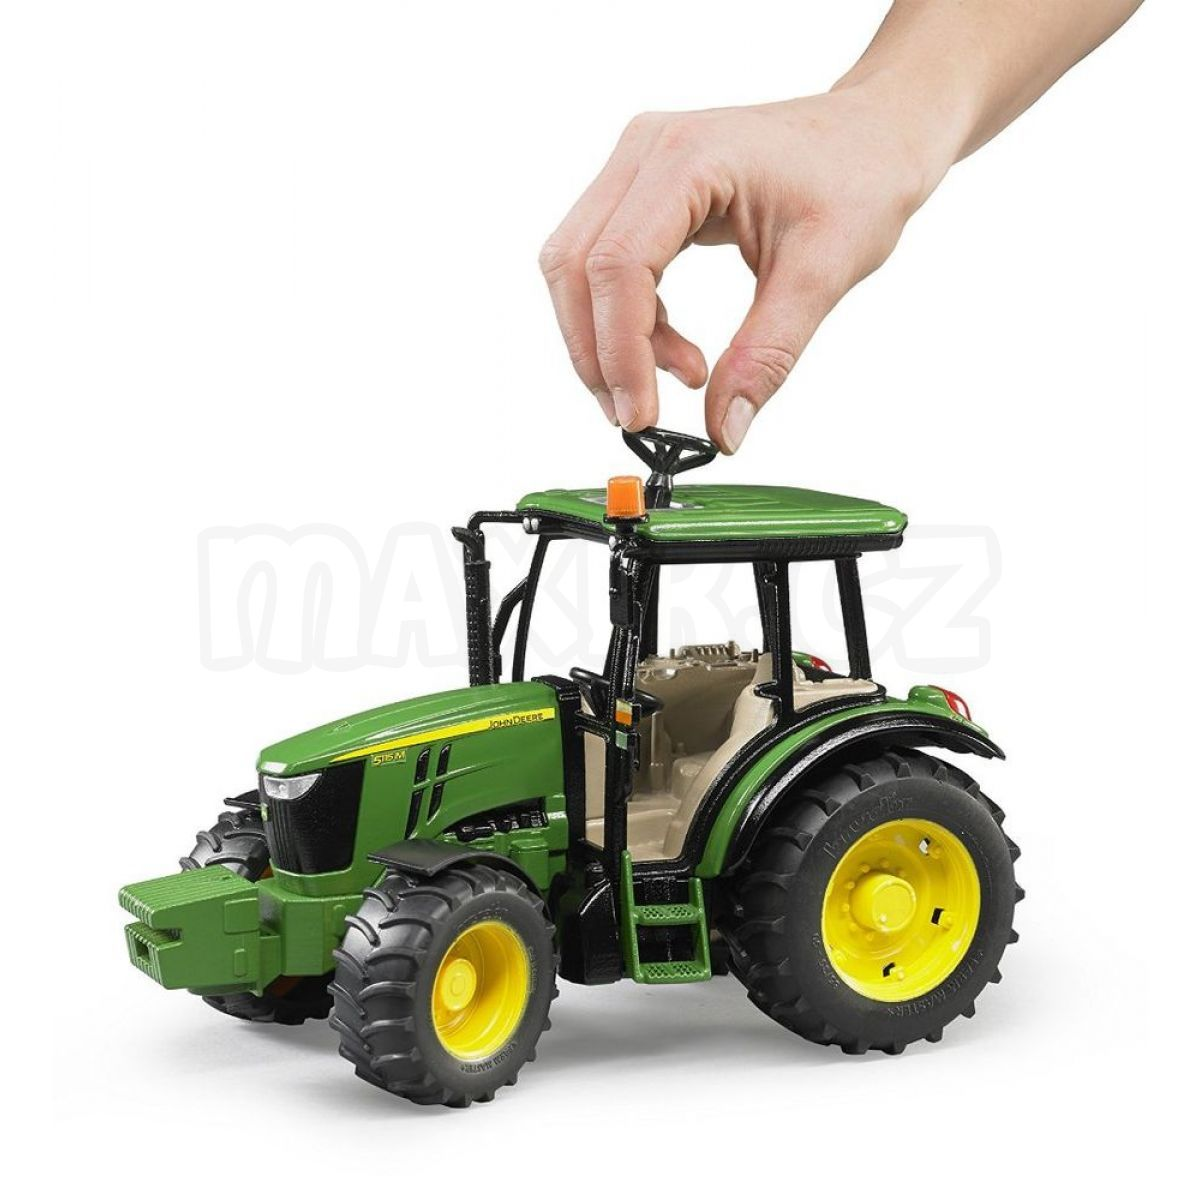 bruder 2106 traktor john deere 5115m max kovy hra ky. Black Bedroom Furniture Sets. Home Design Ideas